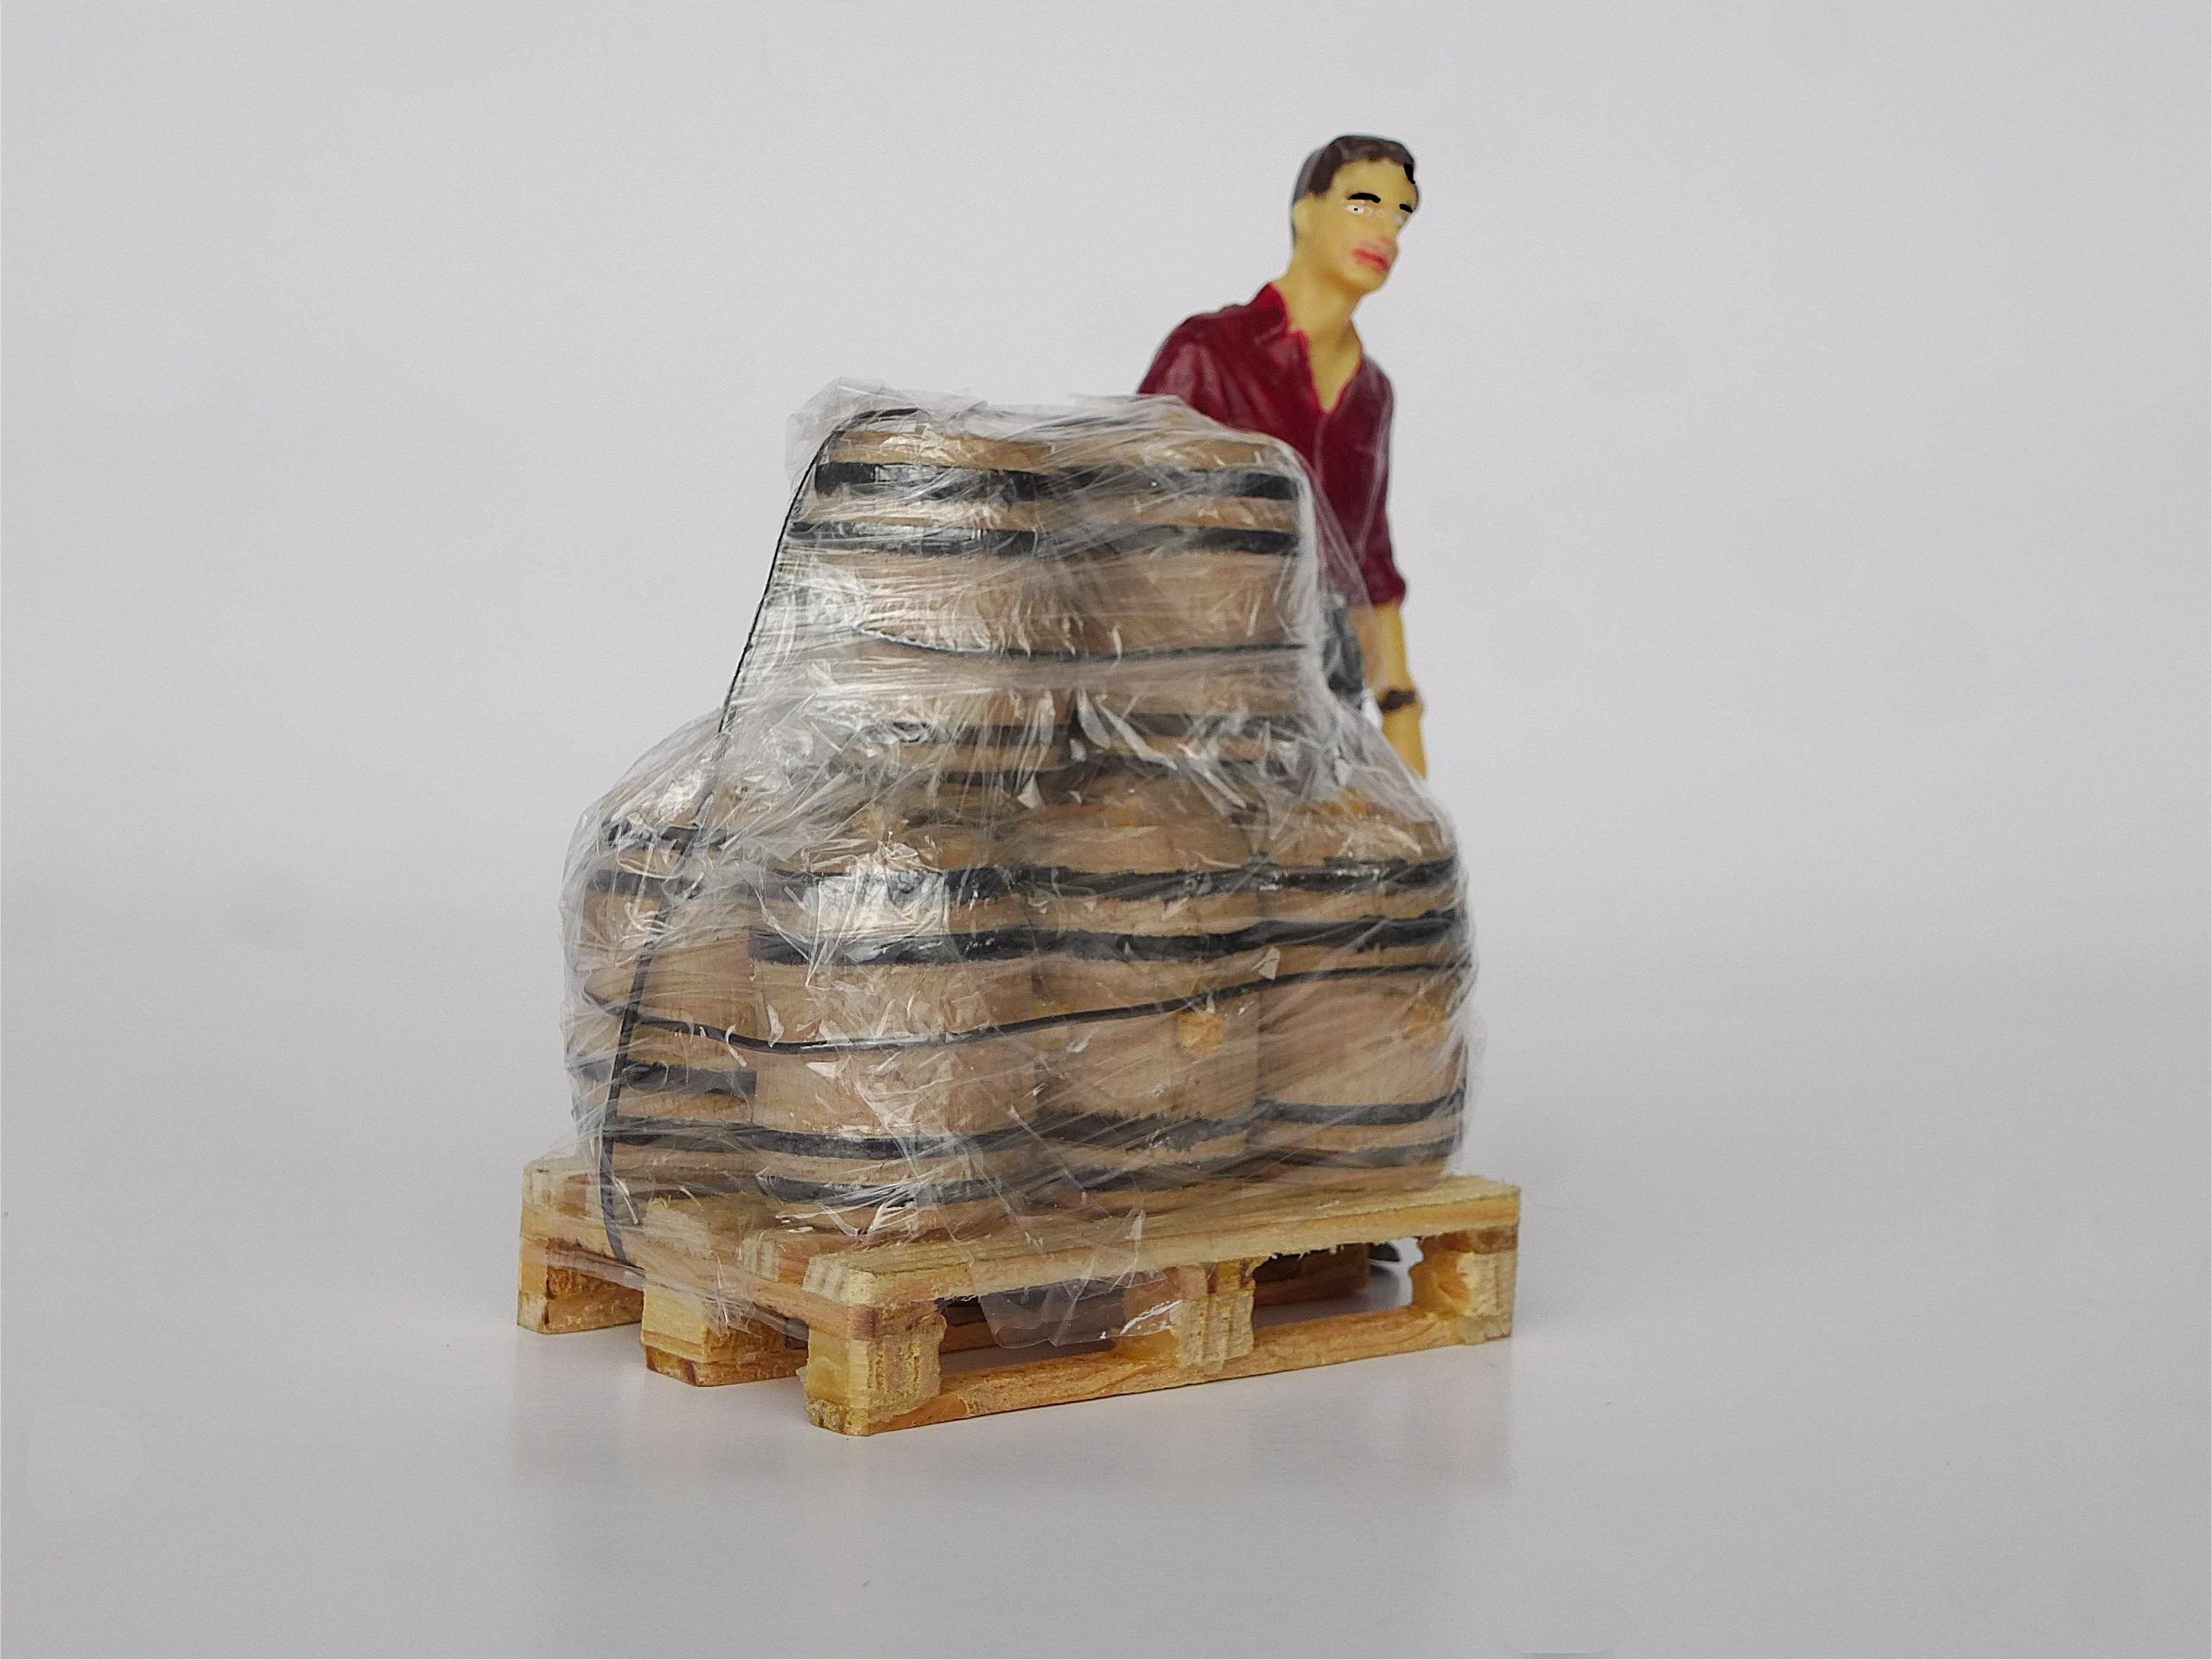 info co modellbau shop. Black Bedroom Furniture Sets. Home Design Ideas